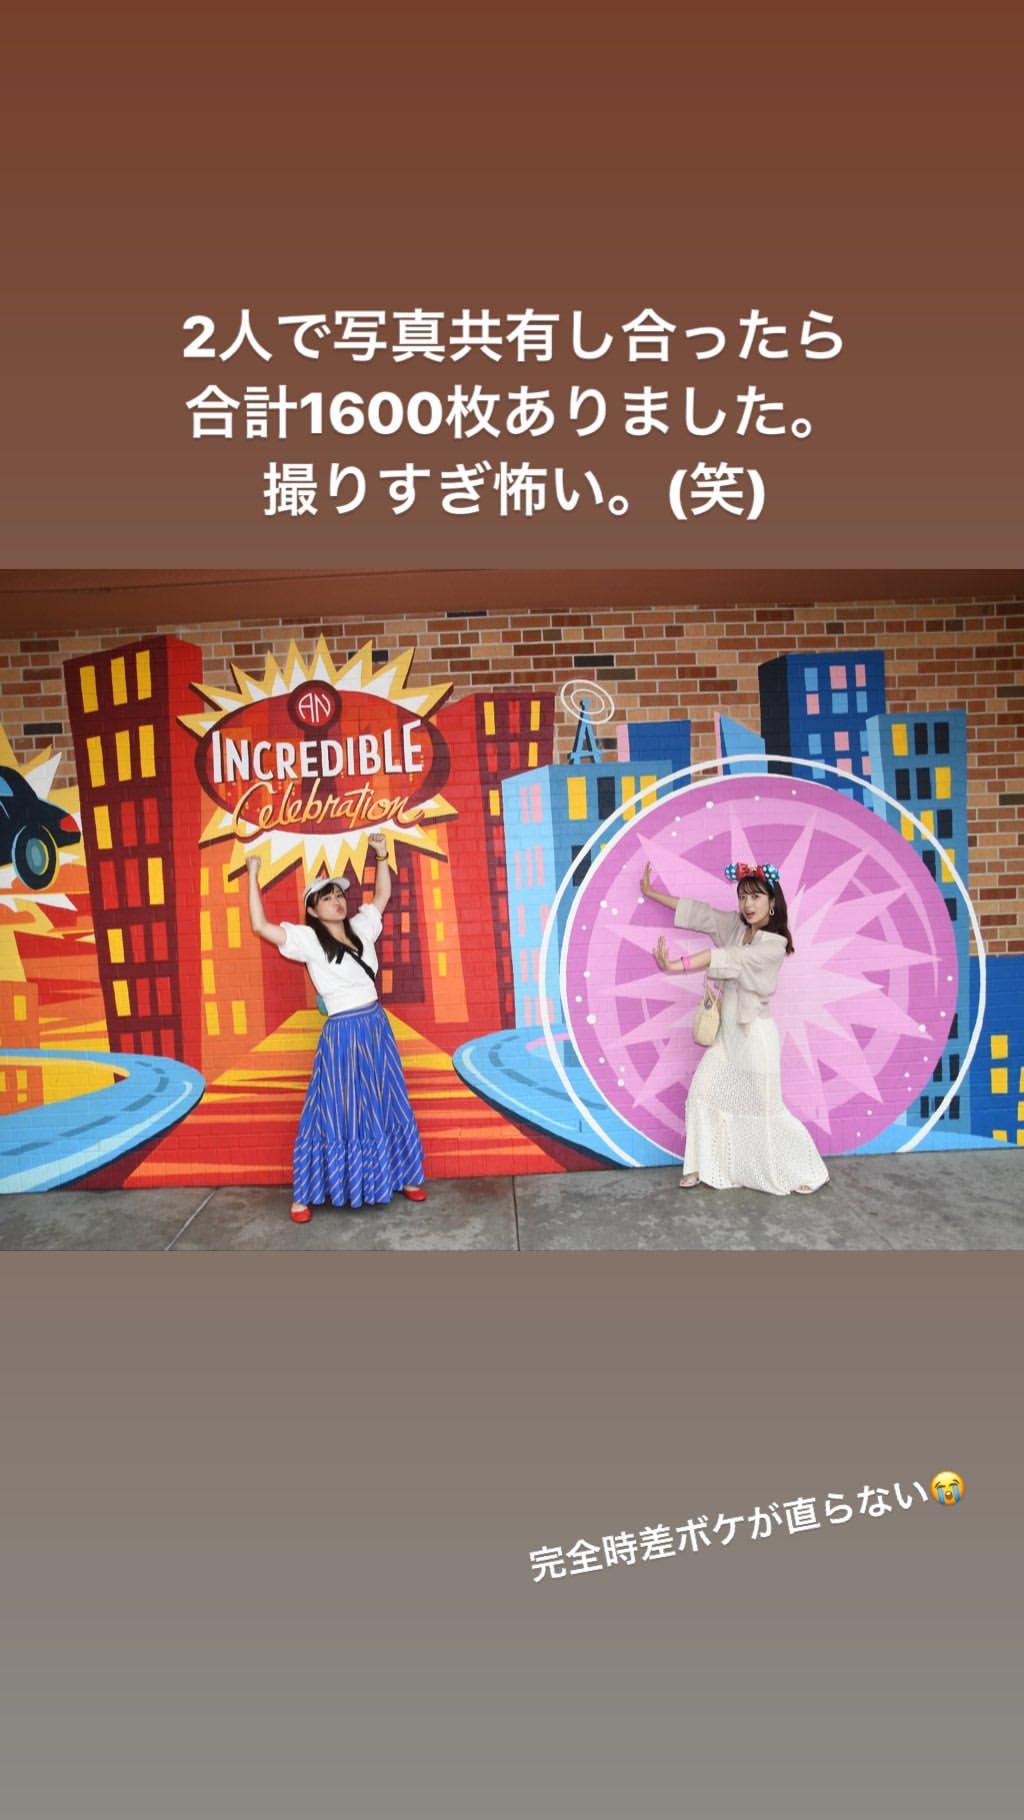 伊藤かりん、斉藤優里と「2人で写真共有し合ったら合計1600枚ありました。撮りすぎ怖い。(笑)」